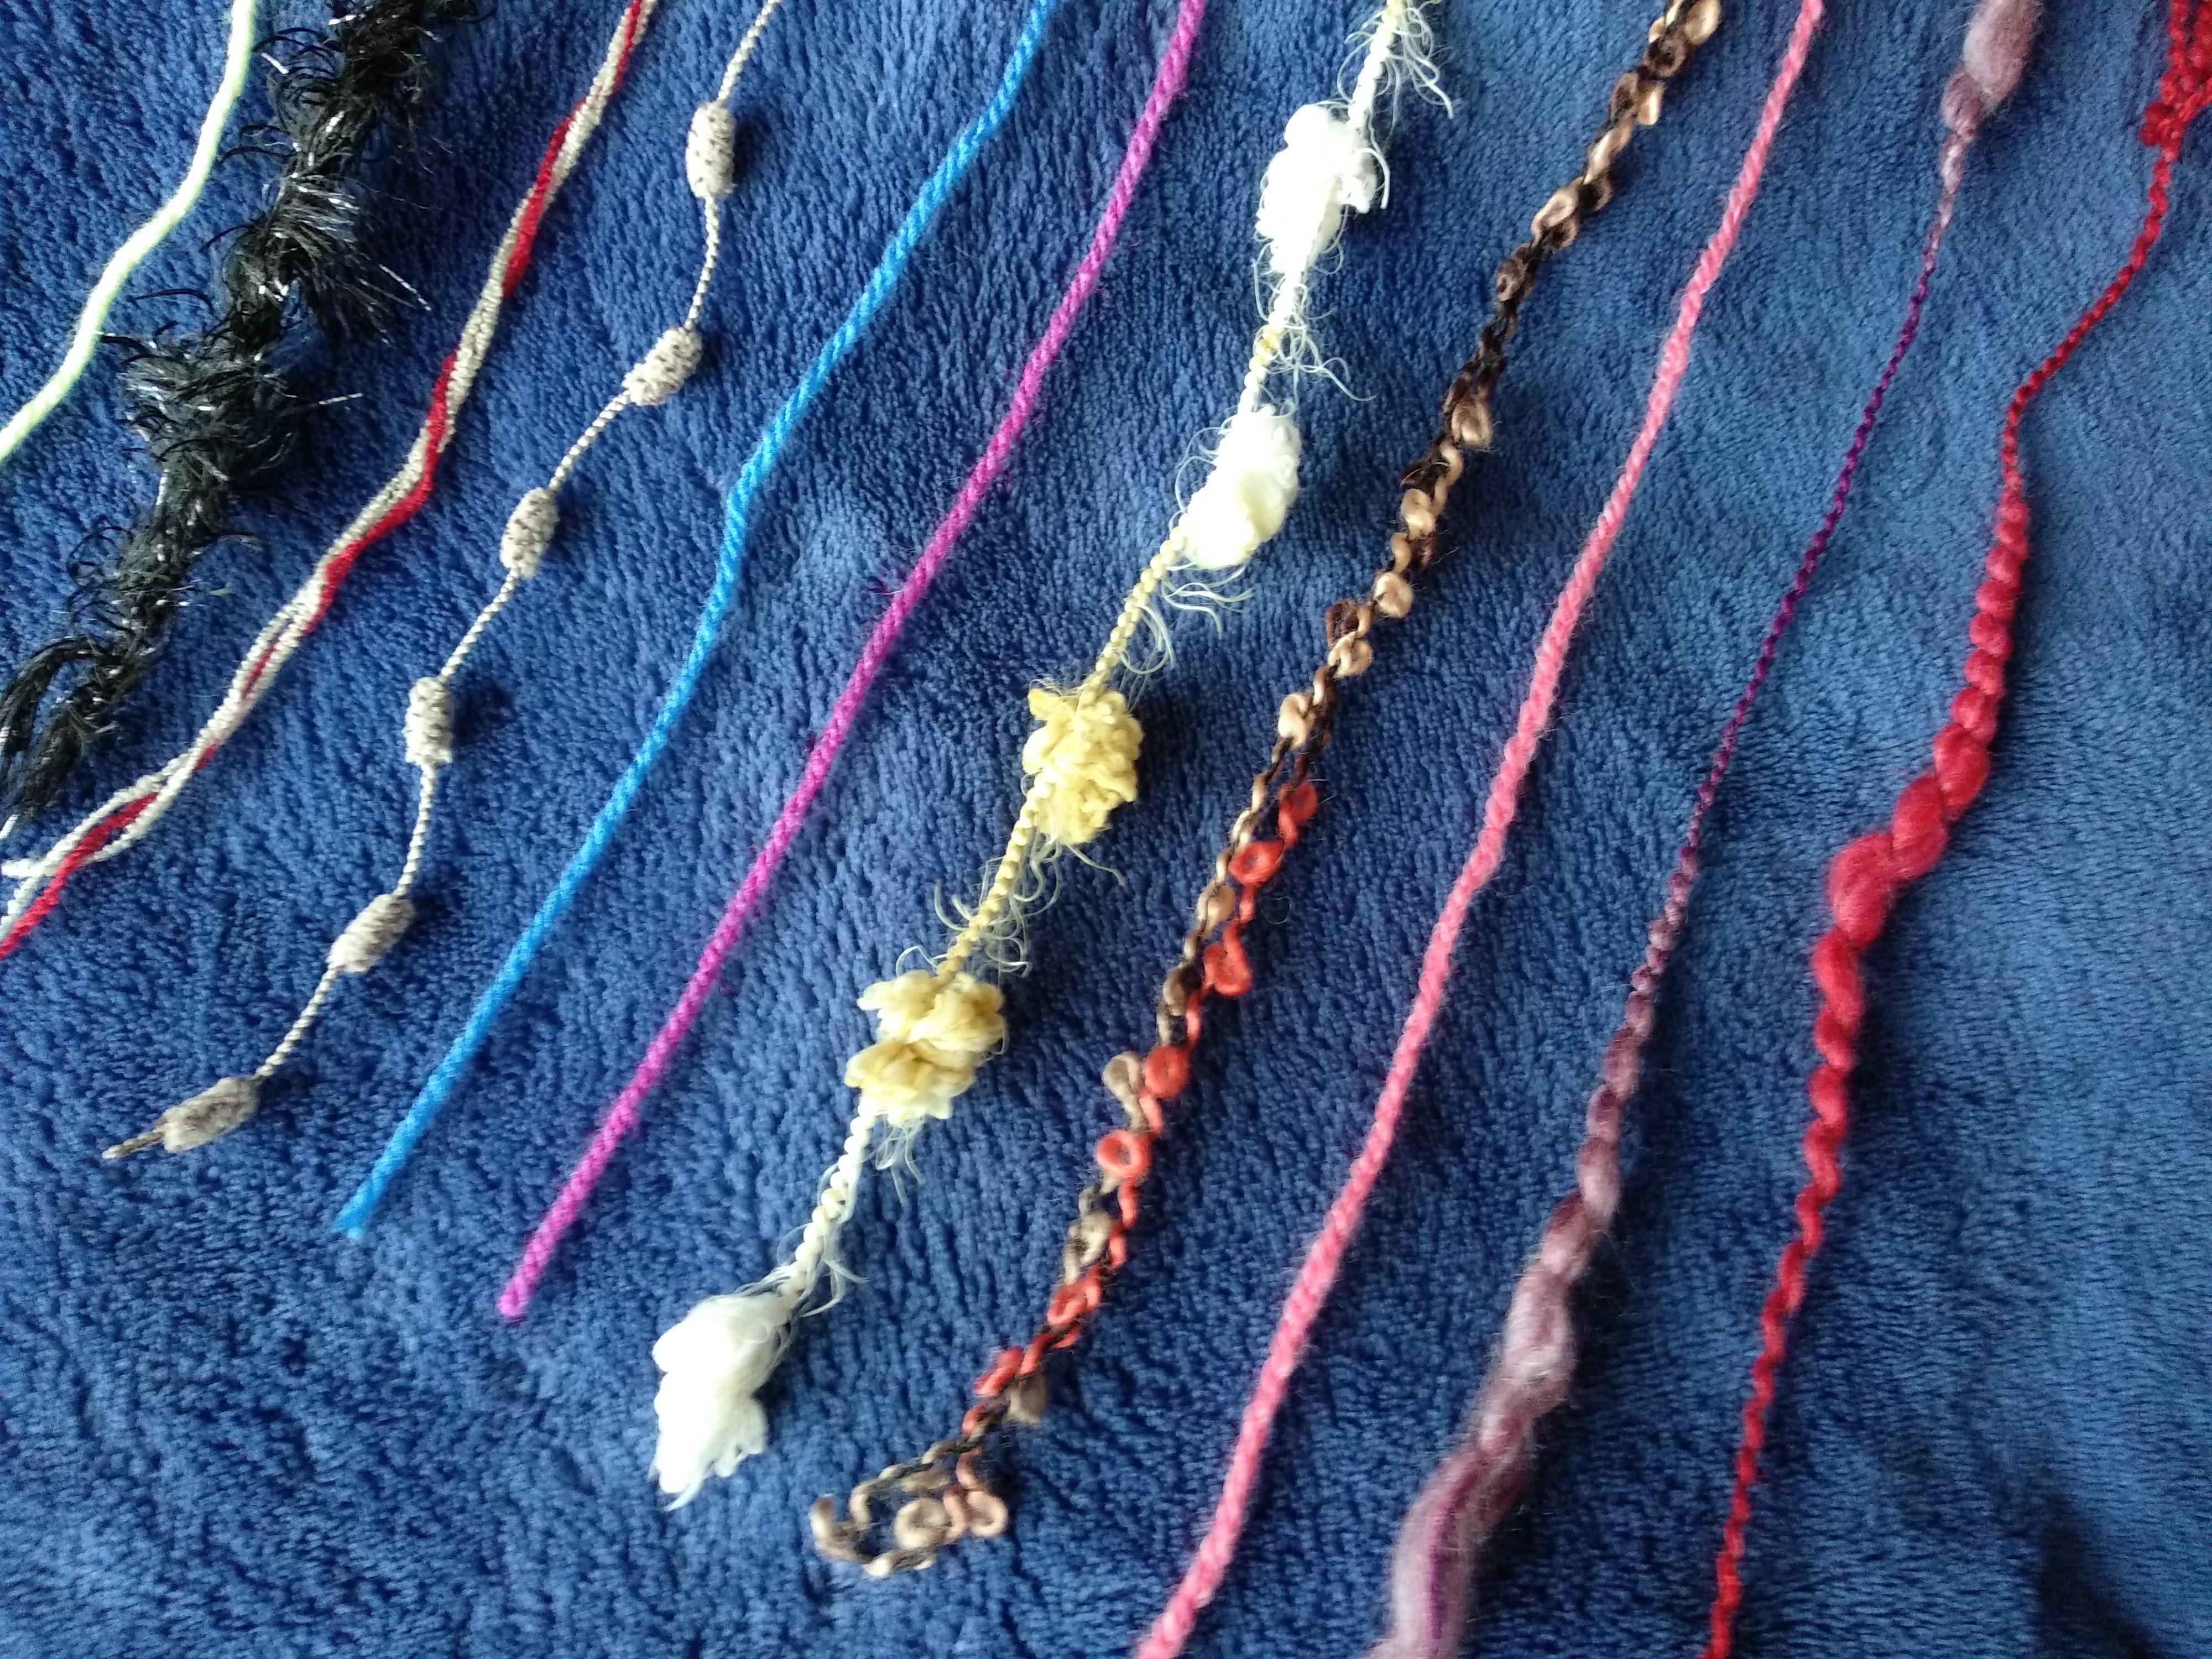 Sobrinhas de lã diversas